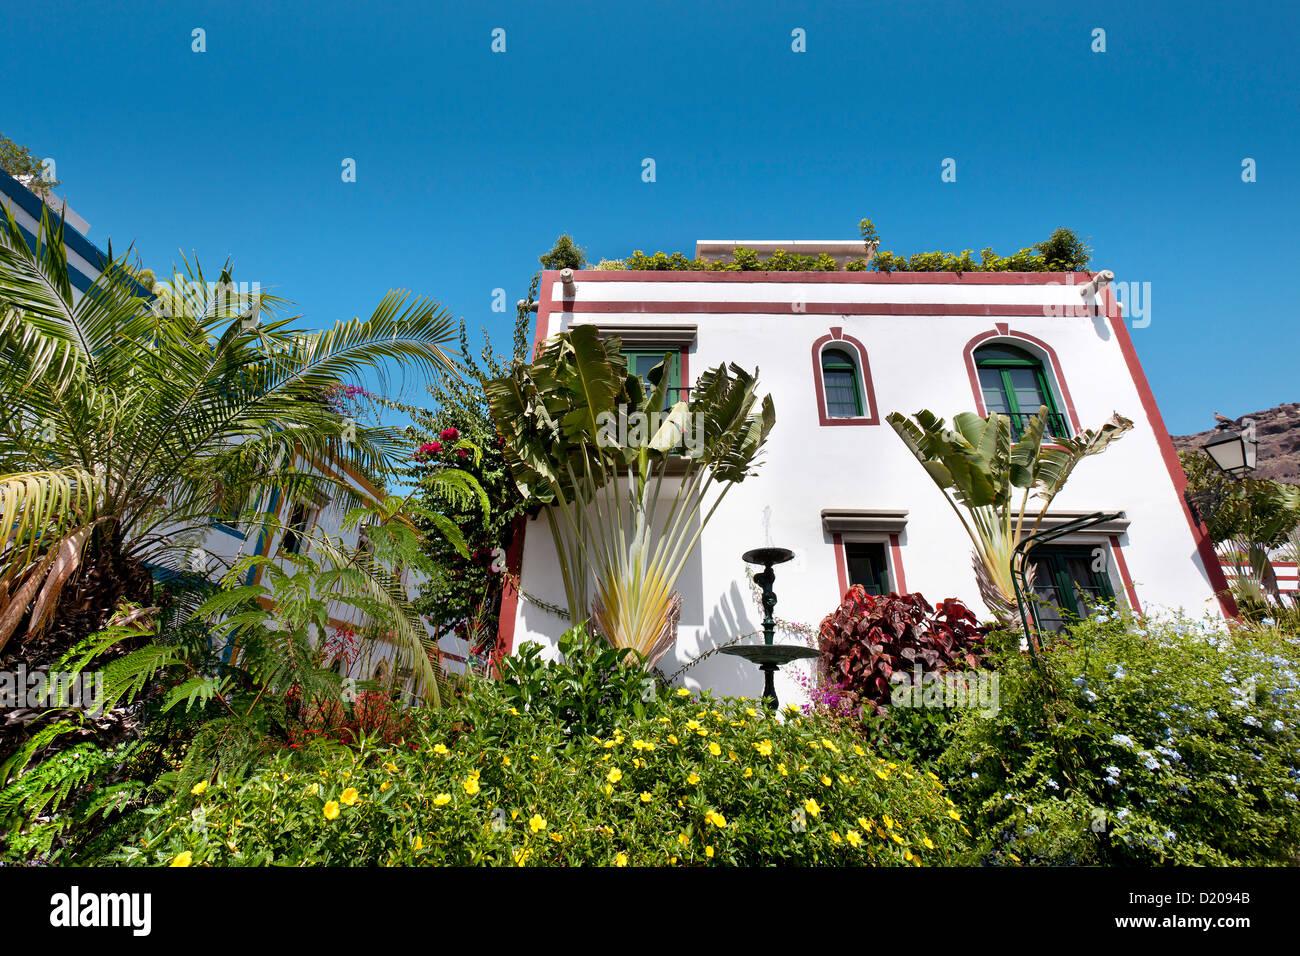 Haus in der Sonne, Puerto de Mogan, Gran Canaria, Kanarische Inseln, Spanien, Europa Stockbild